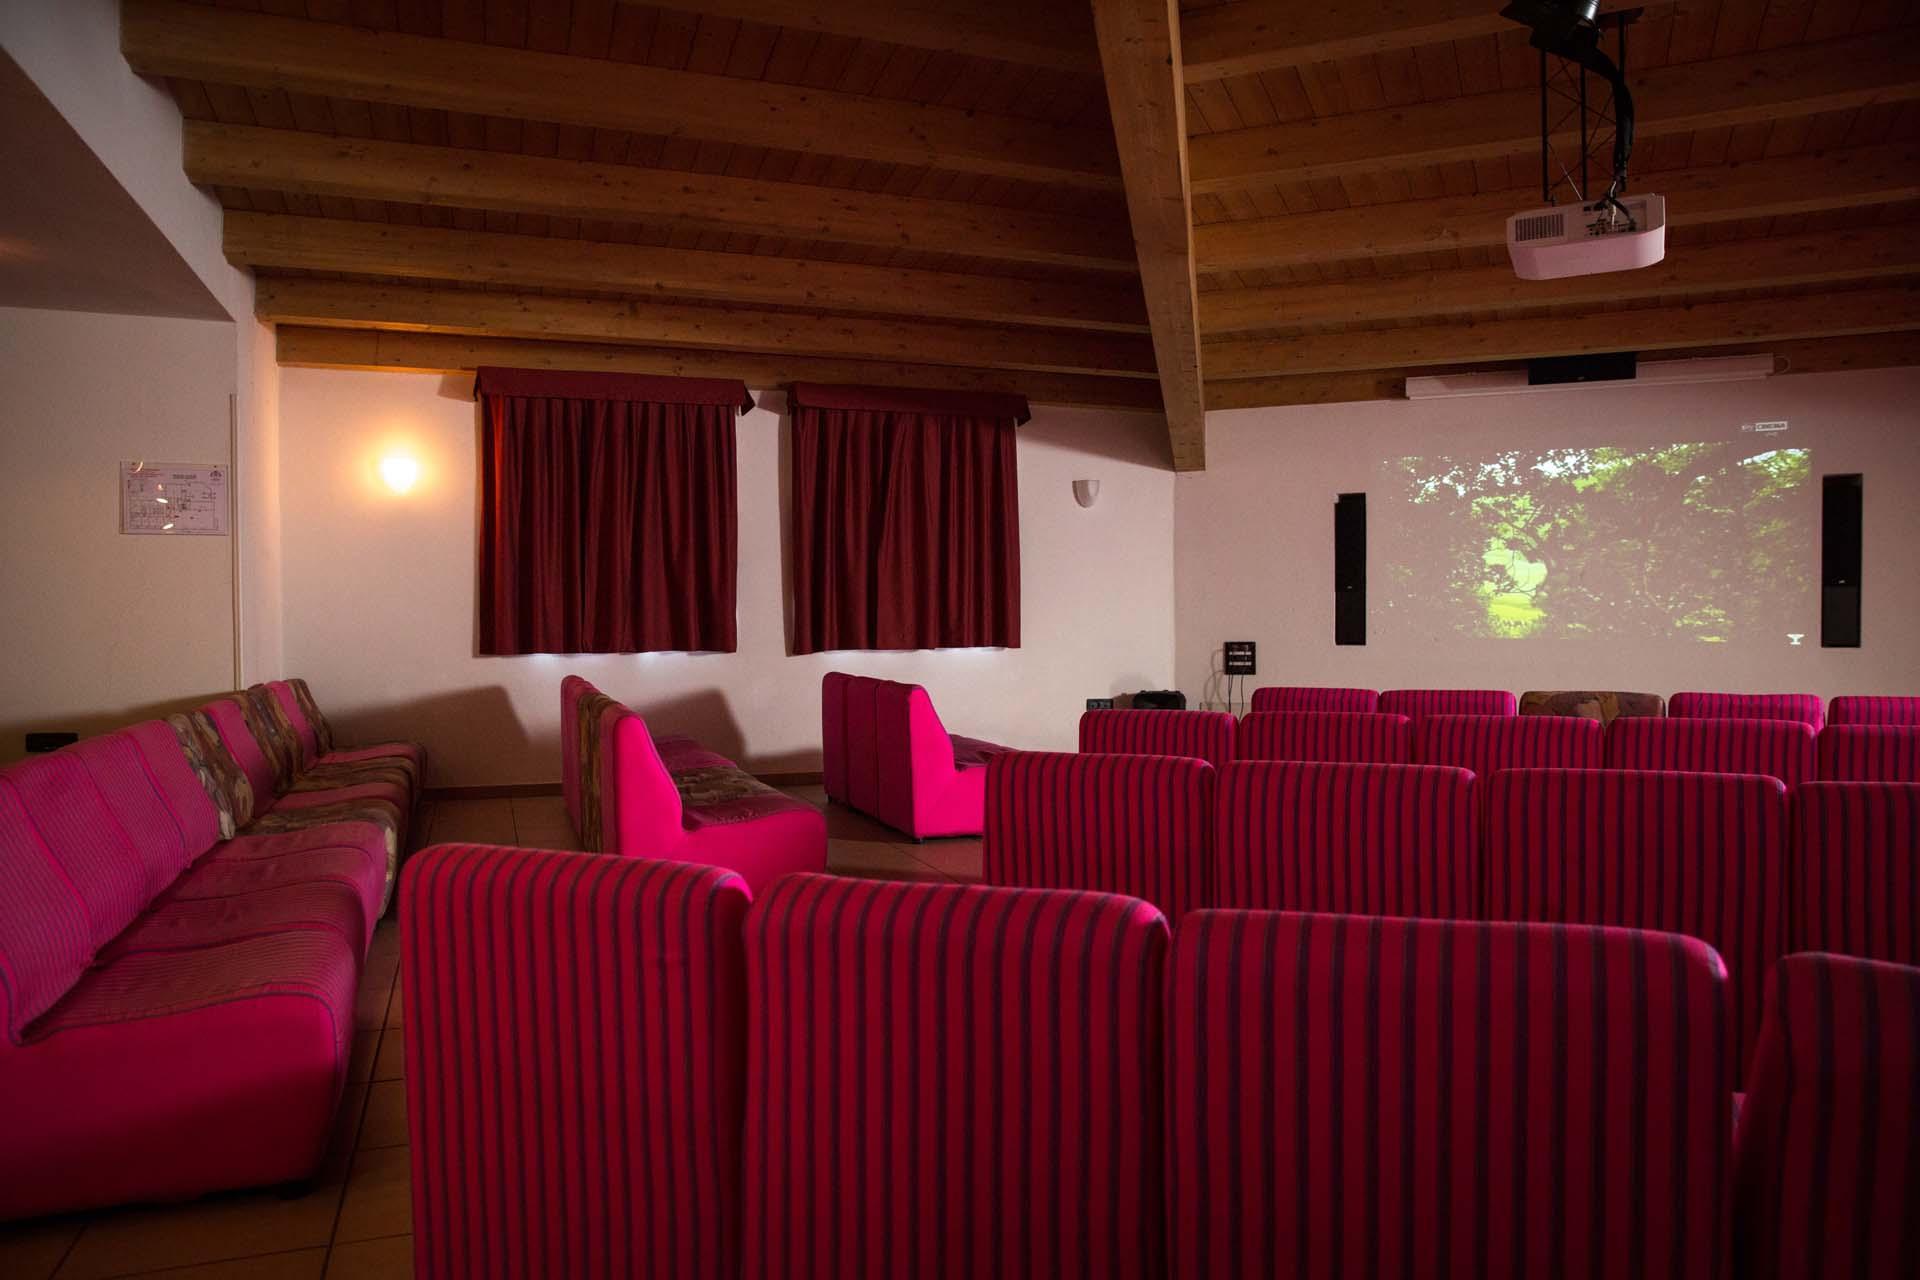 Cinema Room Hotel Derby 3 Star Hotel In Dimaro Folgarida In The  -> Imagem De Sala De Cinema